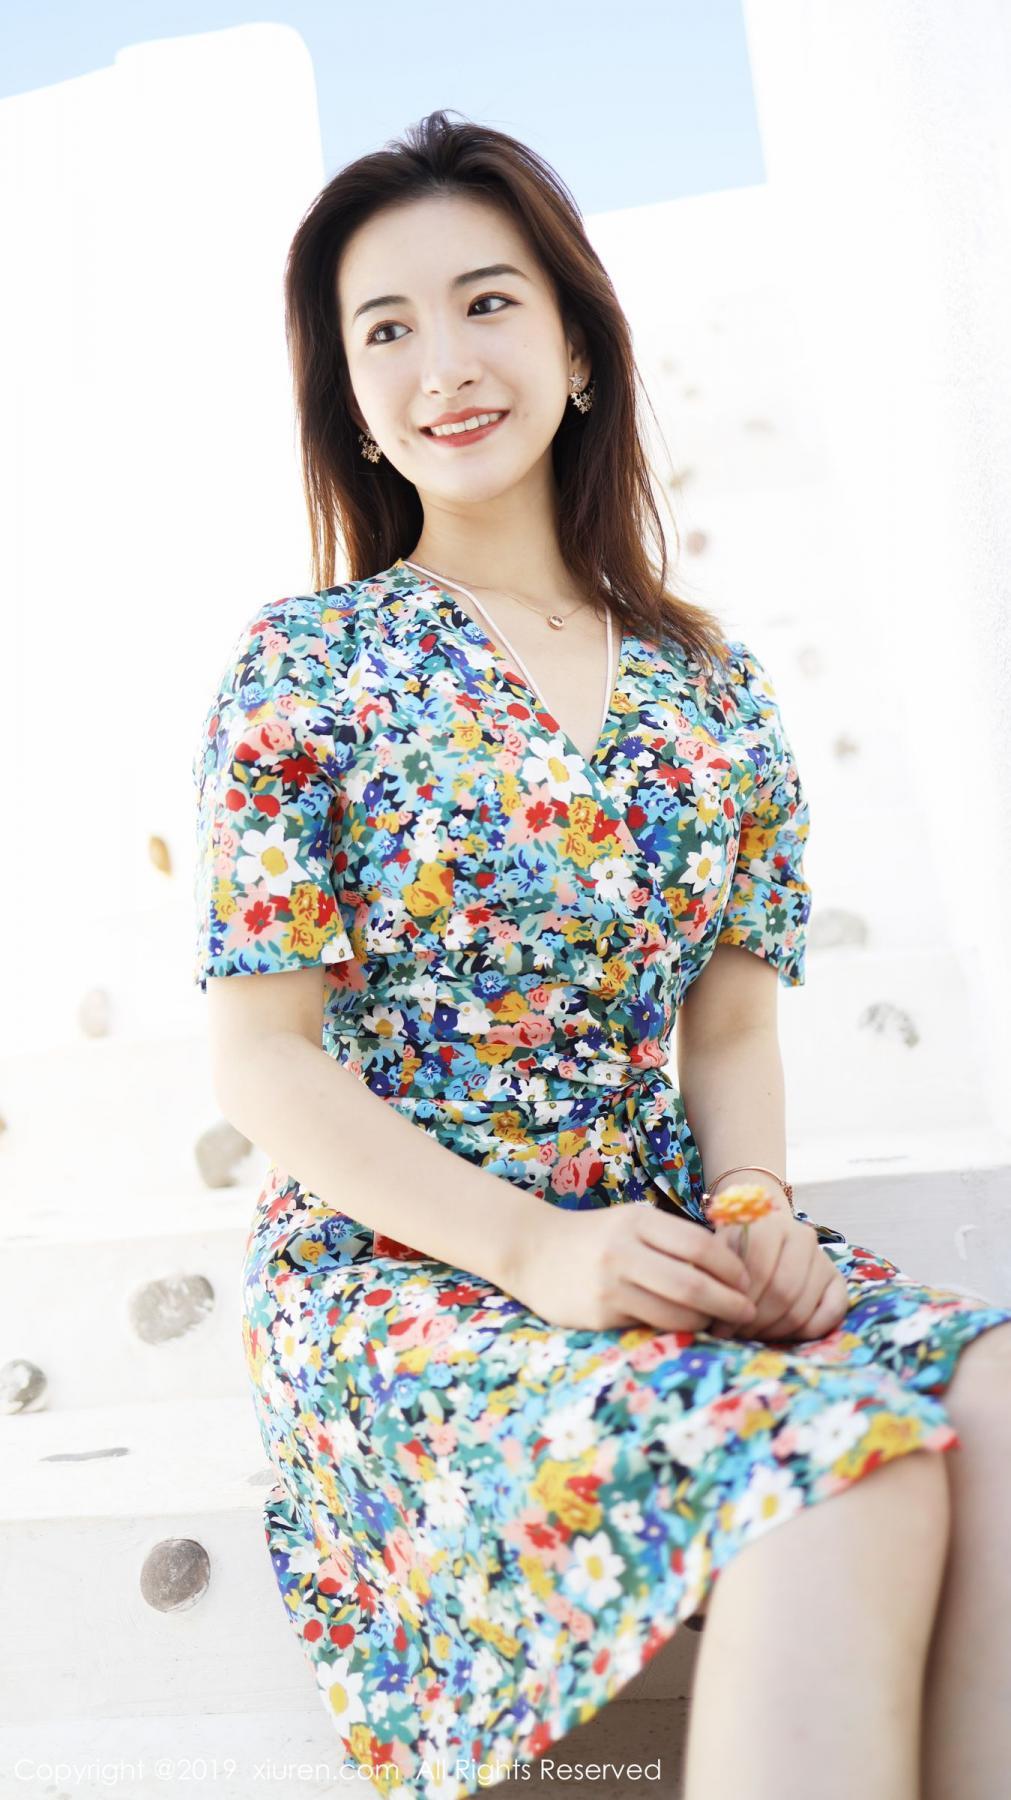 [XiuRen] Vol.1641 Gong Tian Yi 41P, Gong Tian Yi, Pretty, Temperament, Xiuren